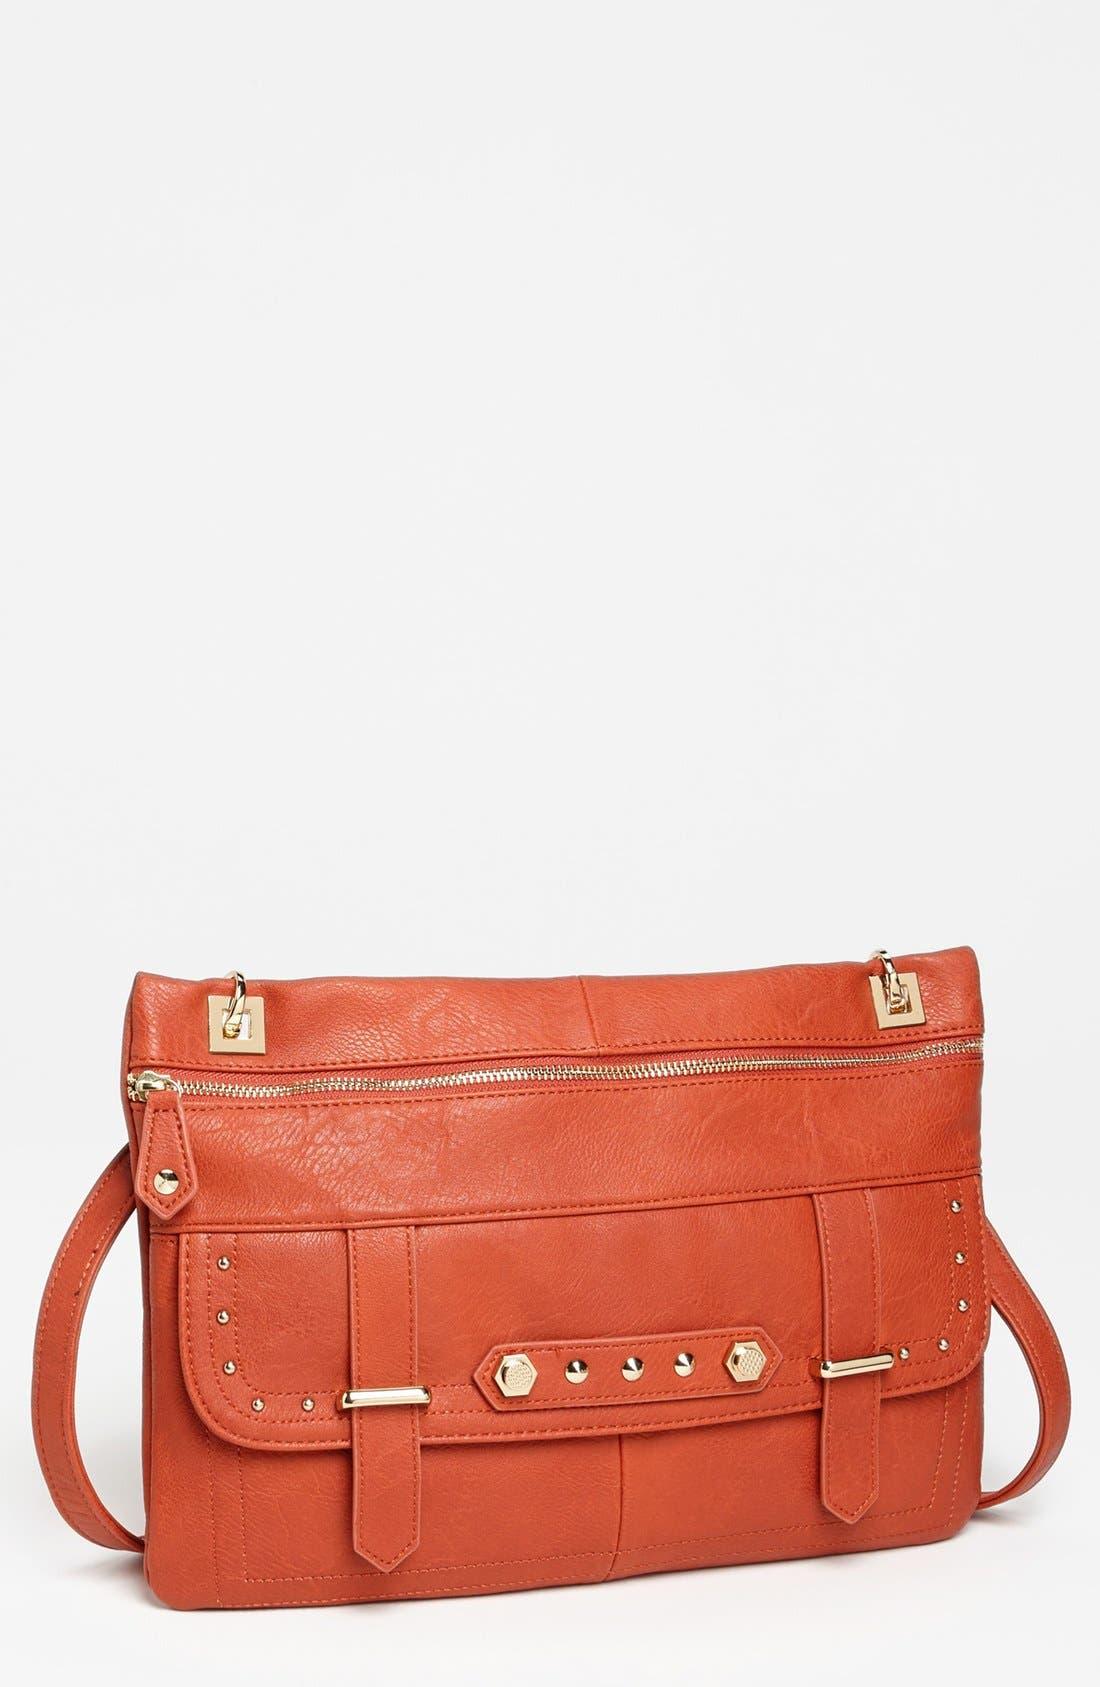 Alternate Image 1 Selected - Danielle Nicole 'Collette' Shoulder Bag